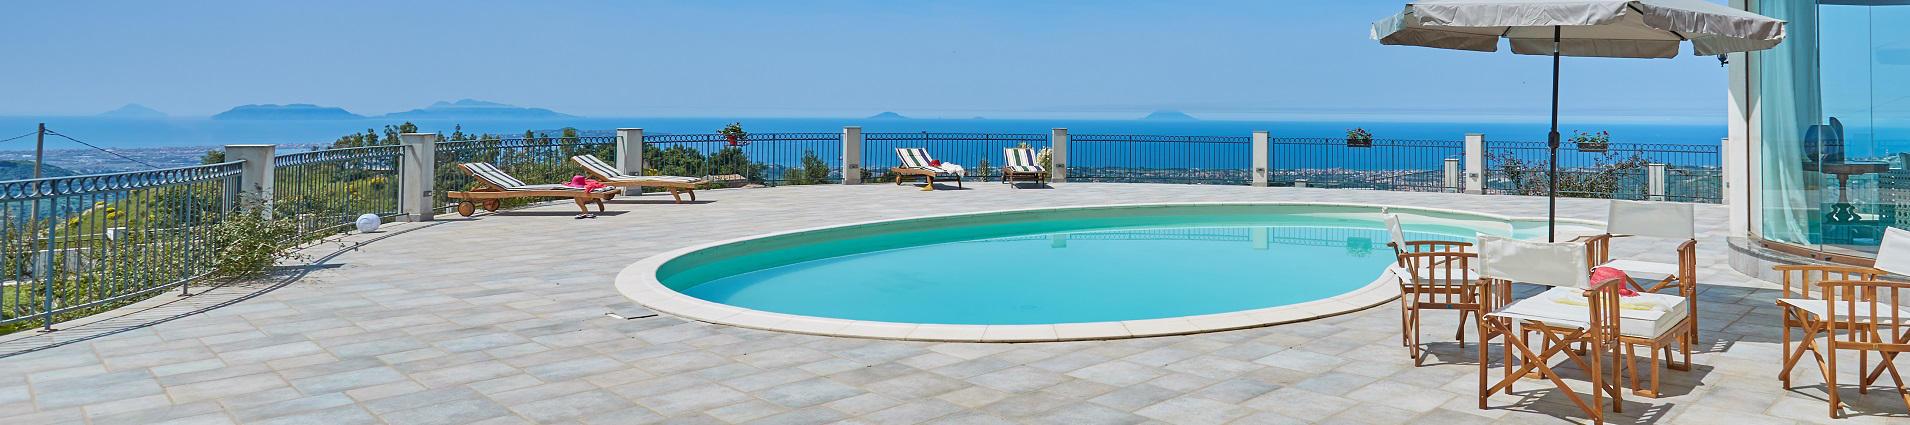 Ville e case vacanze in sicilia for Subito case vacanze sicilia